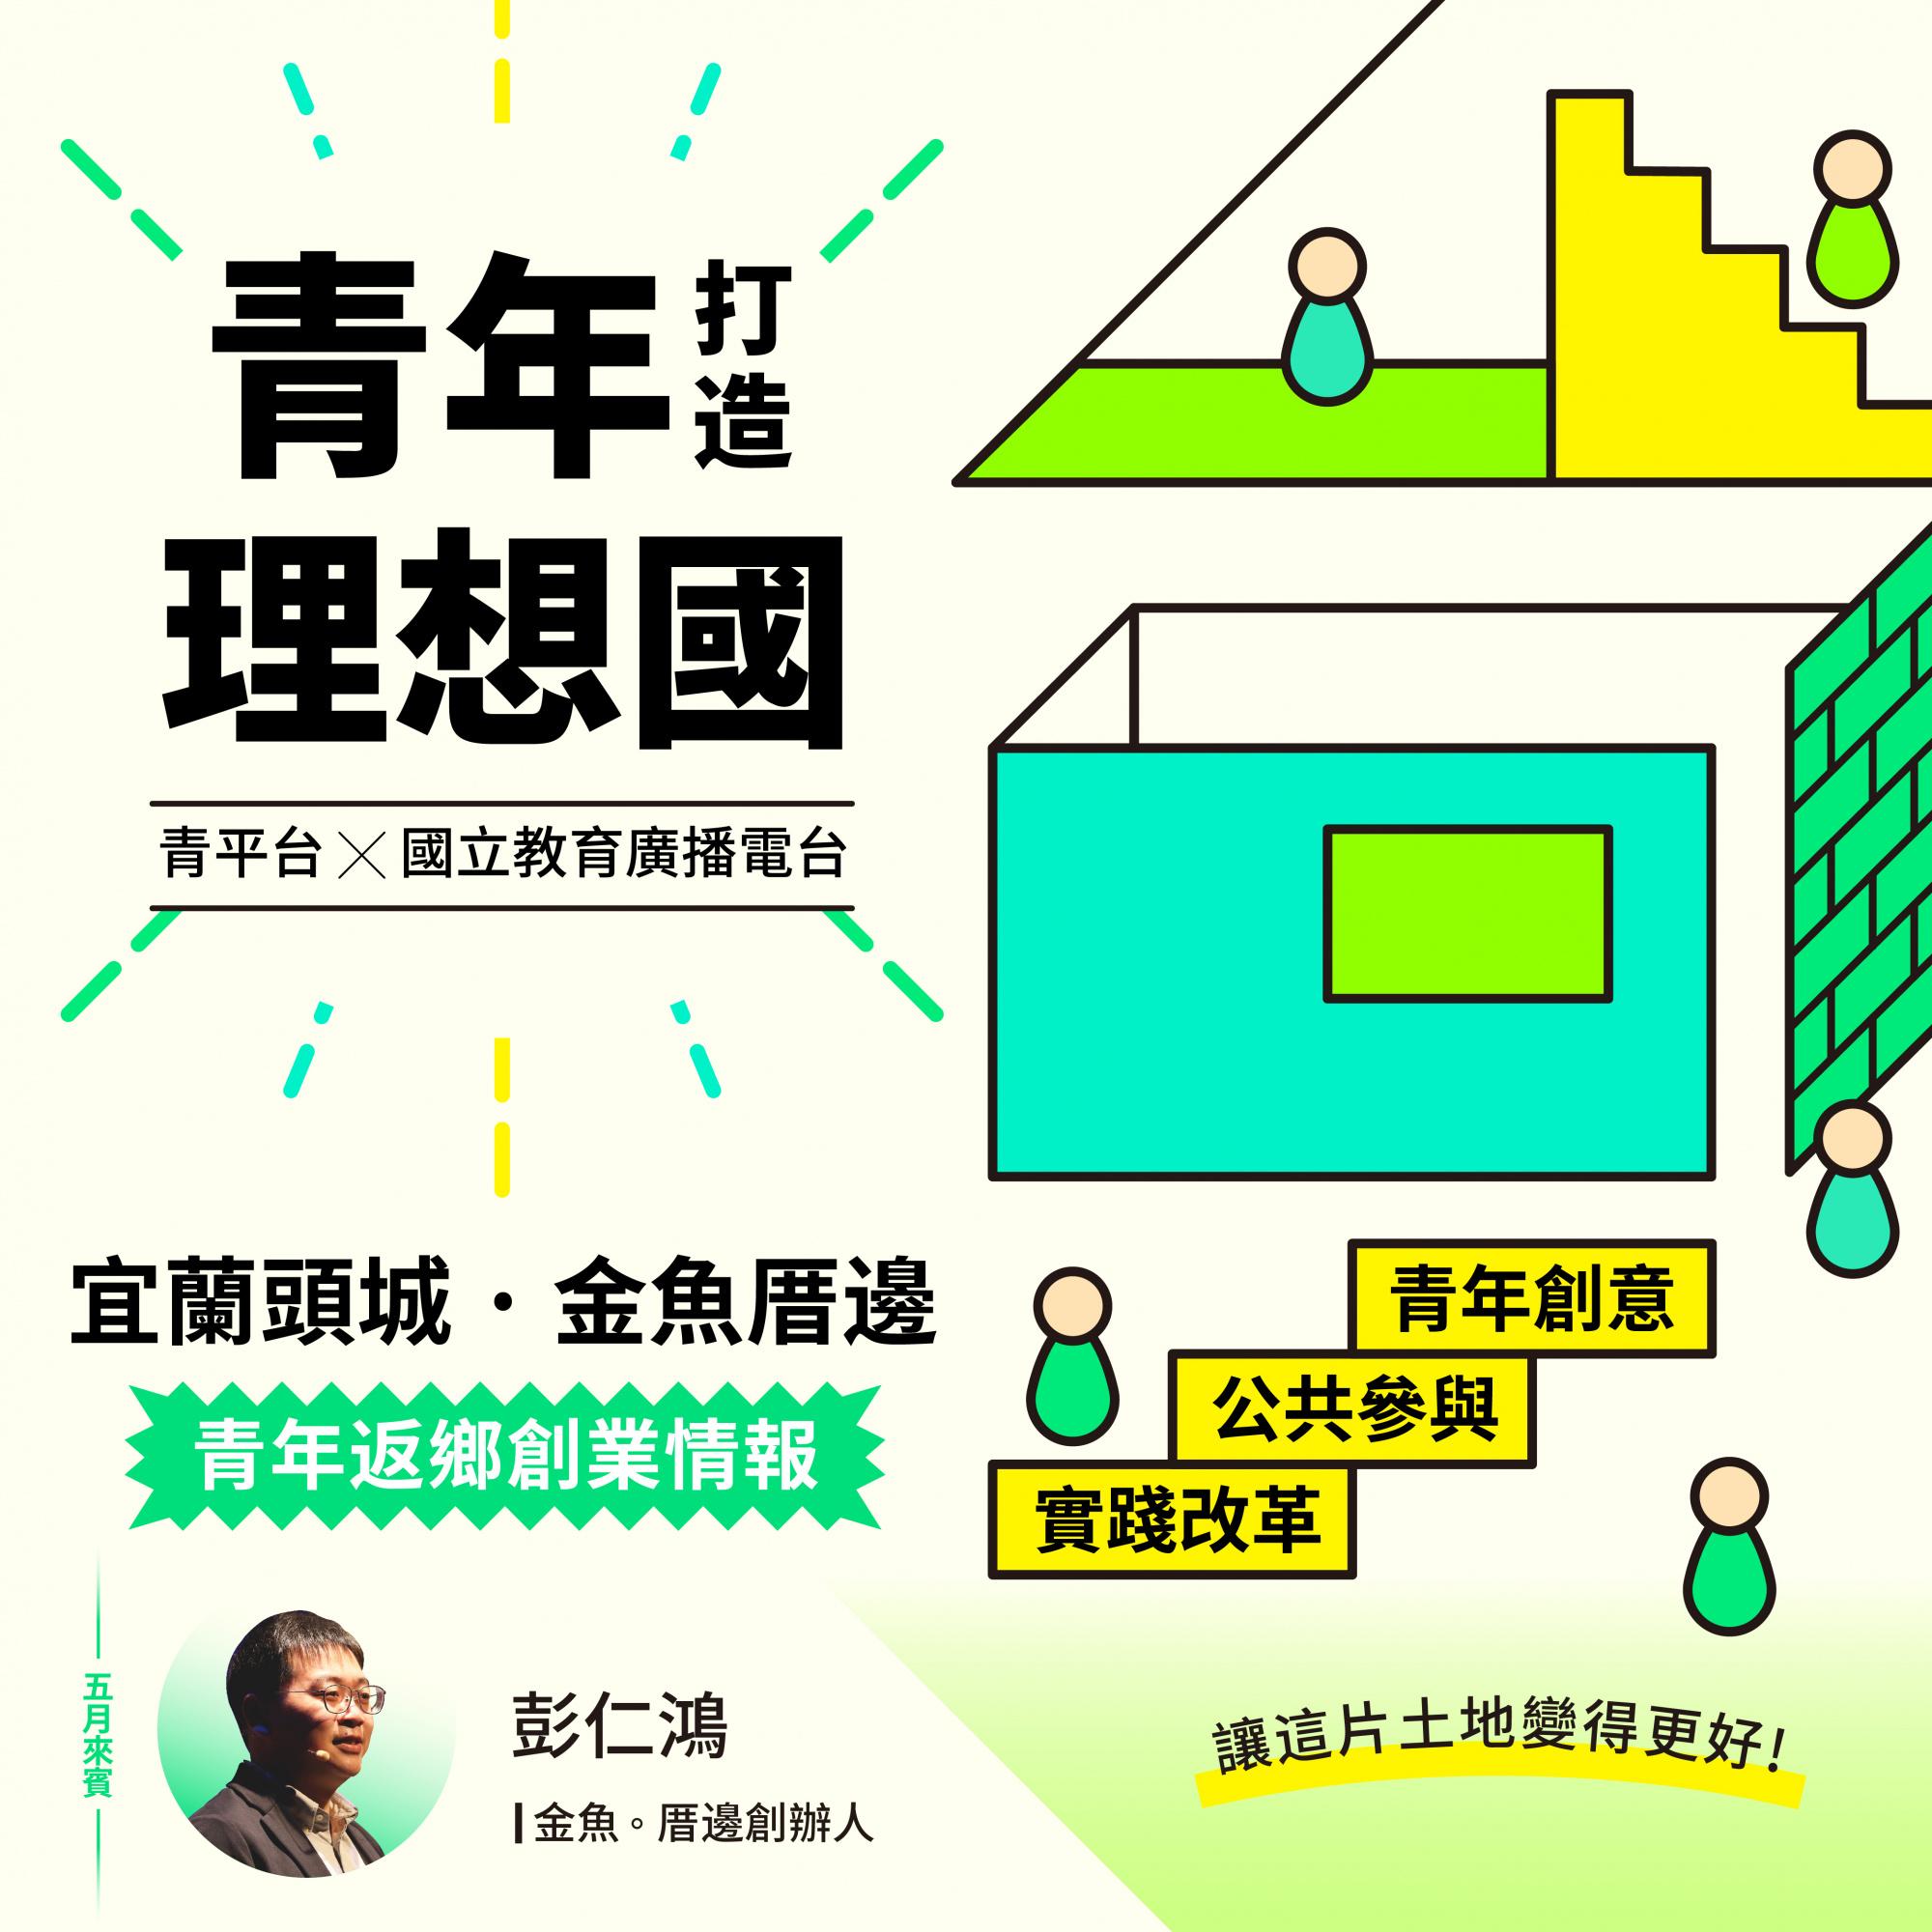 青年打造理想國-202105.jpg